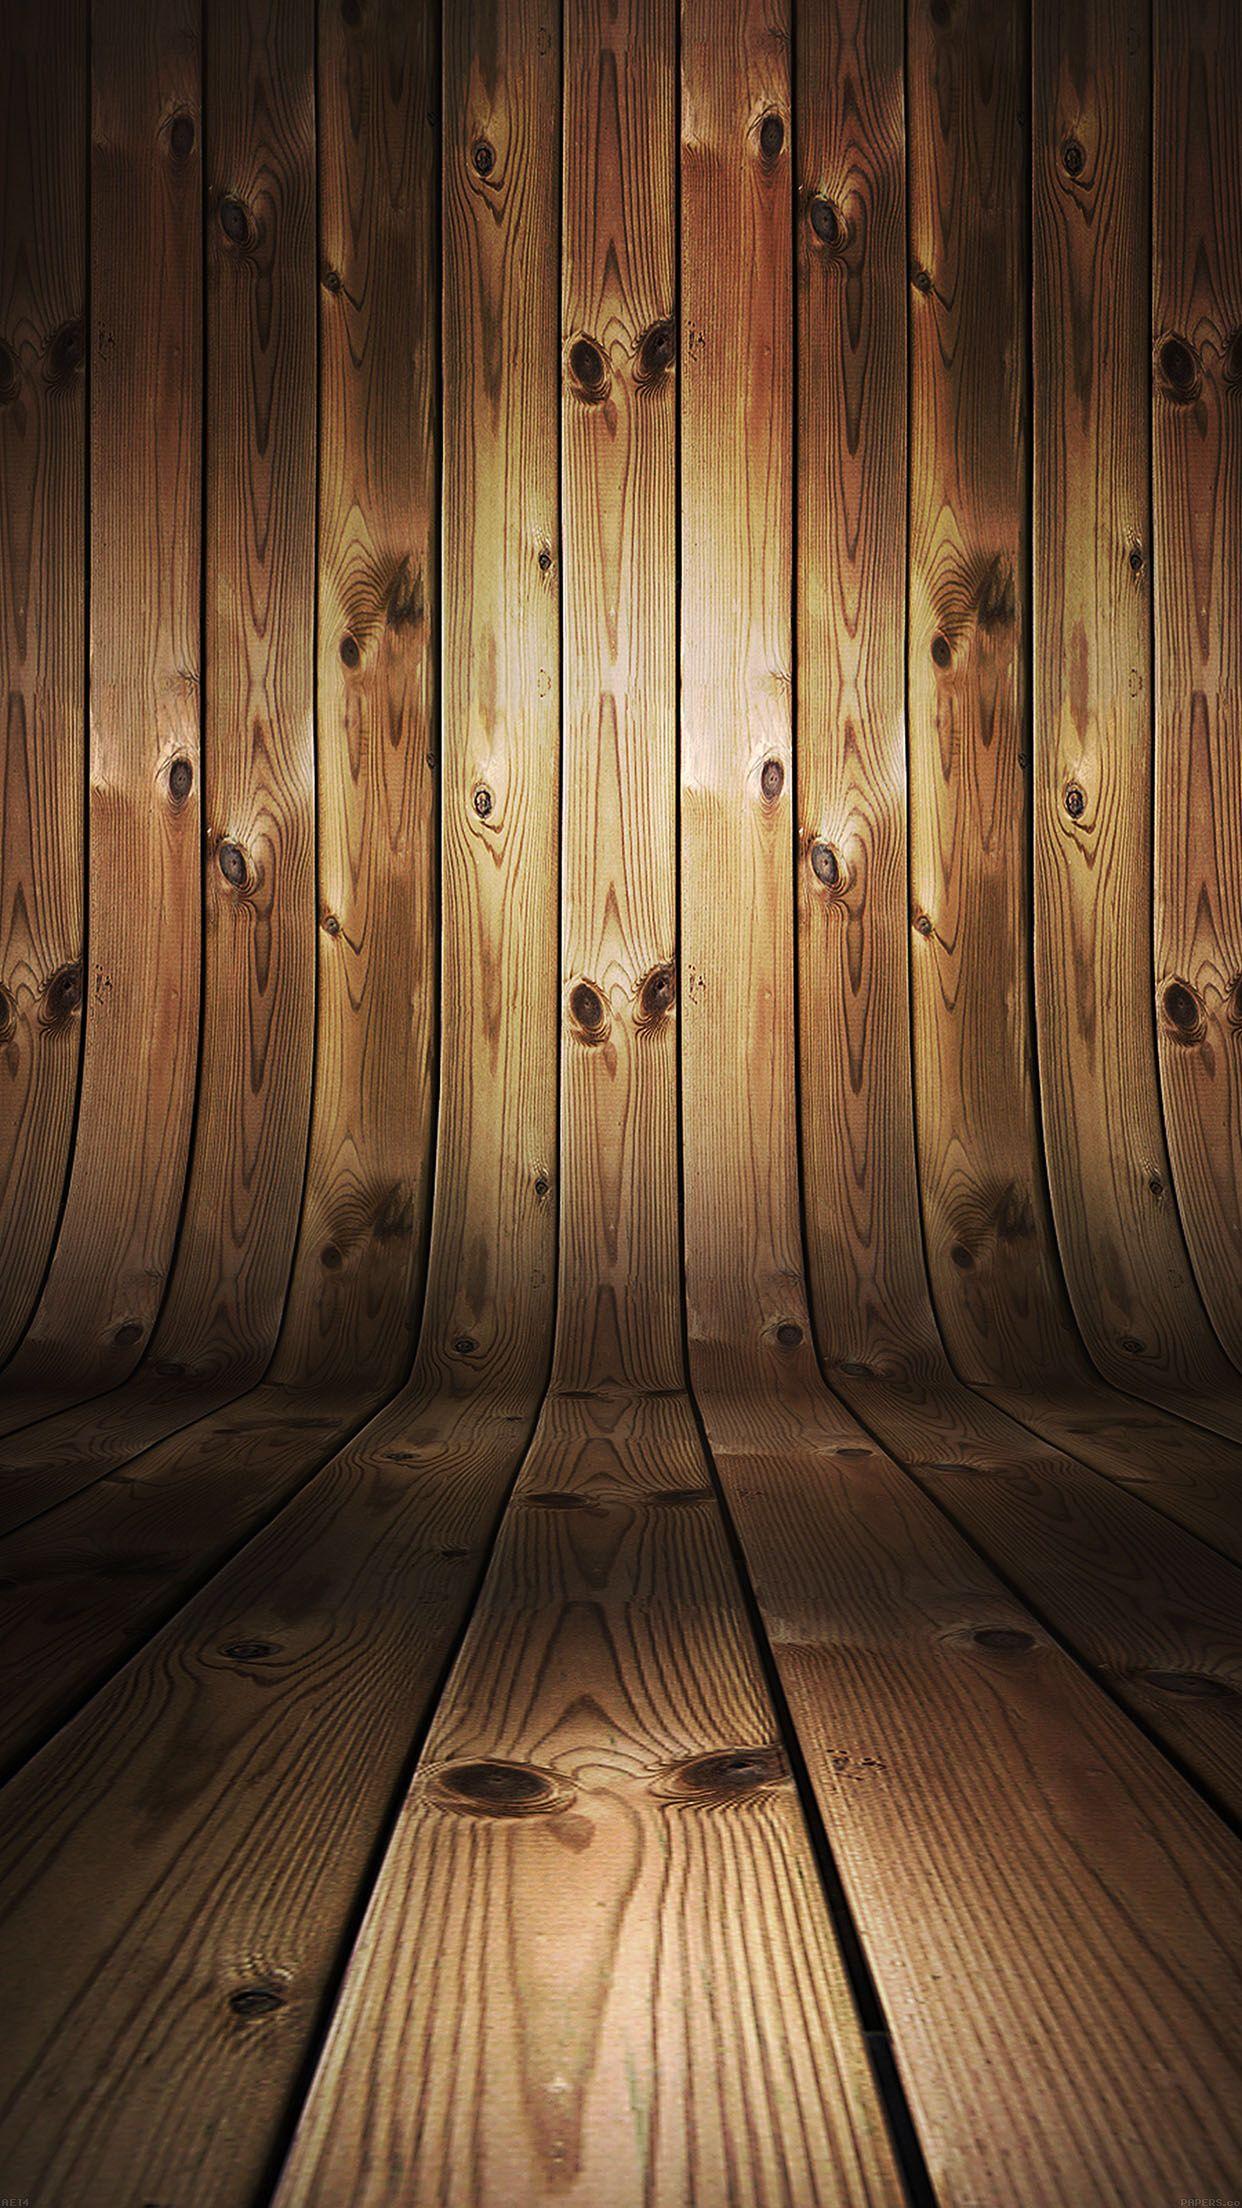 Dark Bent Wood Background iPhone 6 Plus iPhone 6 Plus